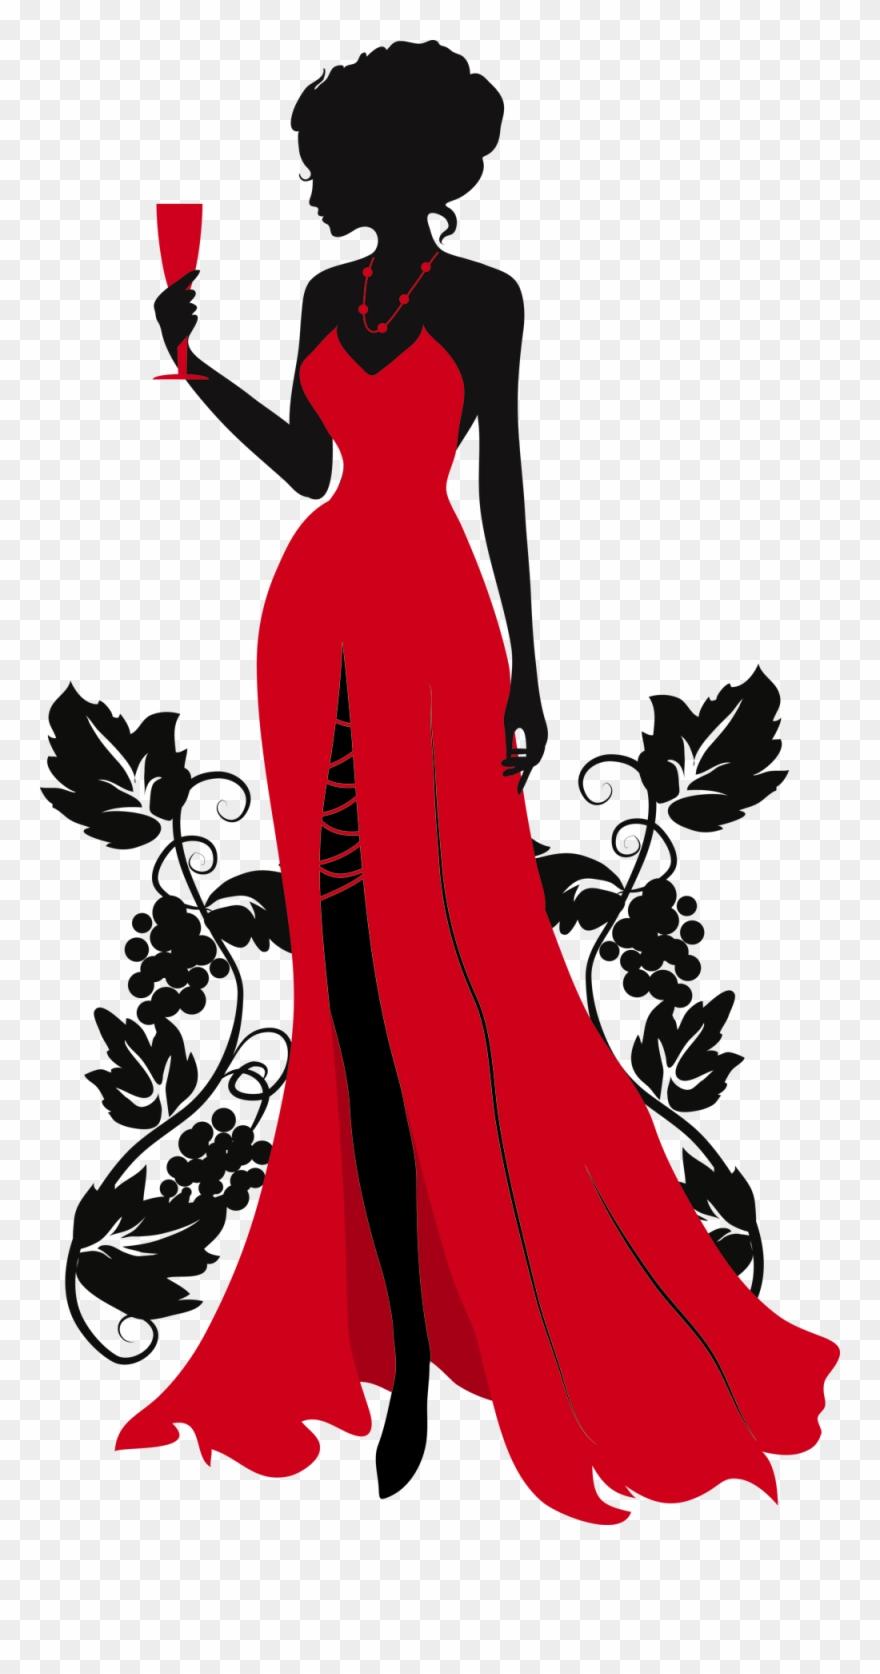 Vintage female silhouette clipart transparent download Woman Silhouette, Vintage Silhouette, Silhouette Art ... transparent download